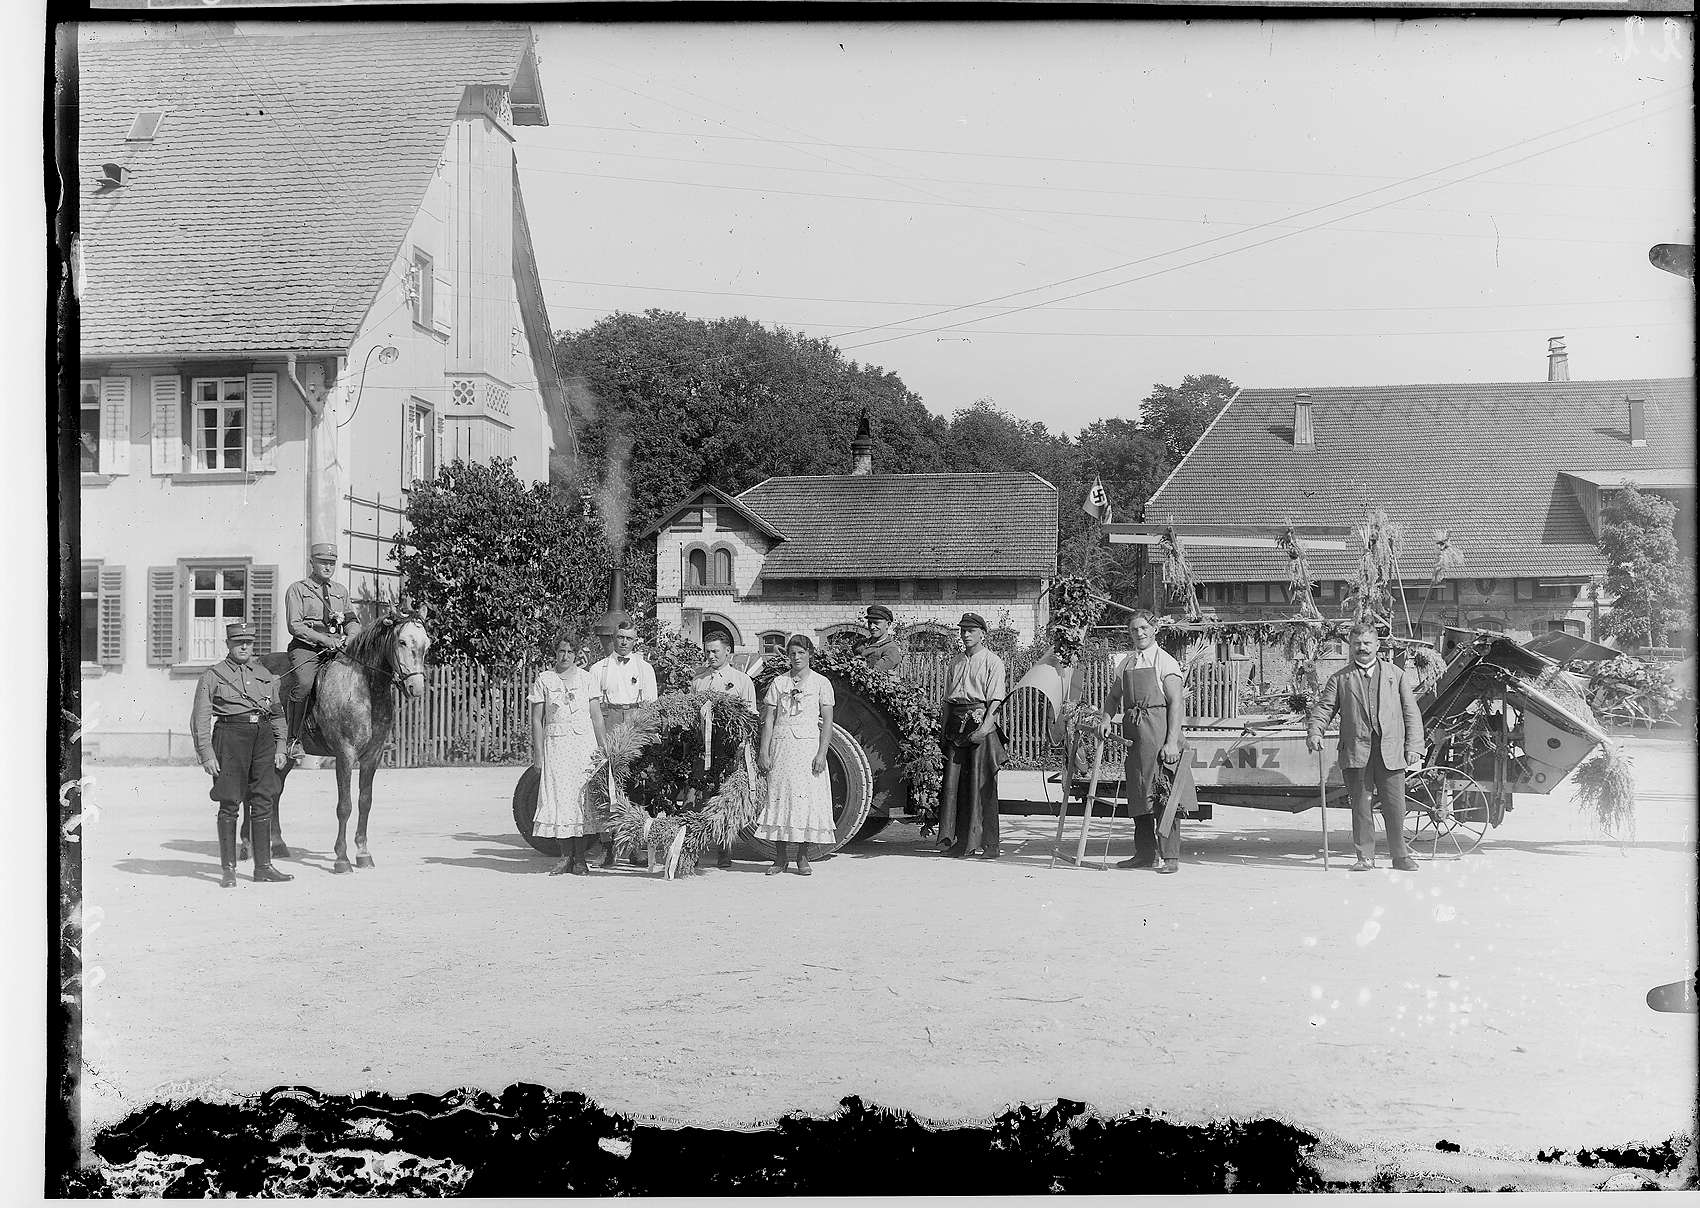 Erntedankfest in Sigmaringen 1933; Bauern vor Traktor mit Mähmaschine im Bauhof, Bild 1